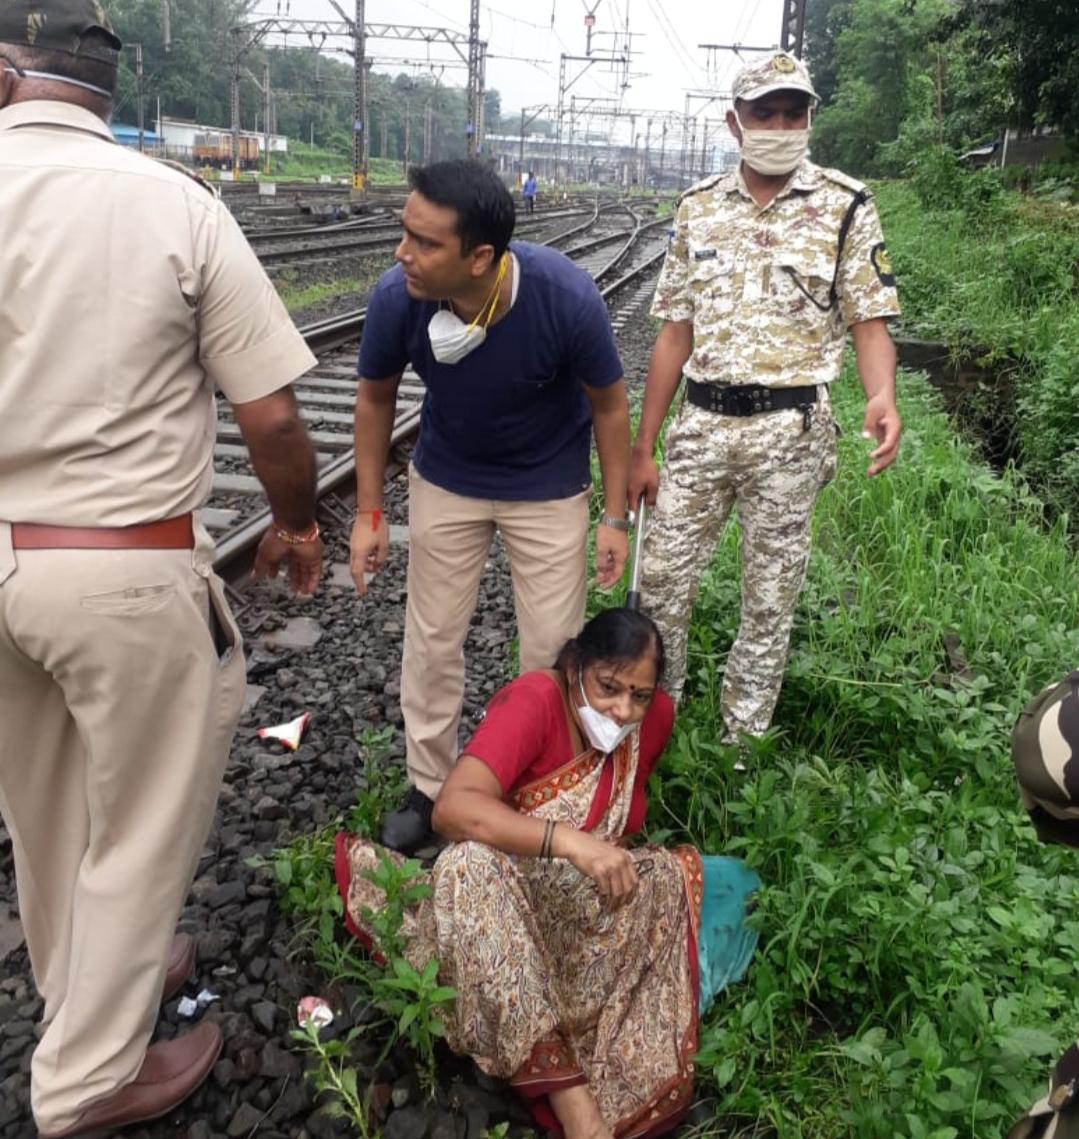 Adarsh Maharashtra | कल्याणमध्ये थरारक घटना,कौंटुबिक वादाला कंटाळून महिलेचा रेल्वेत...